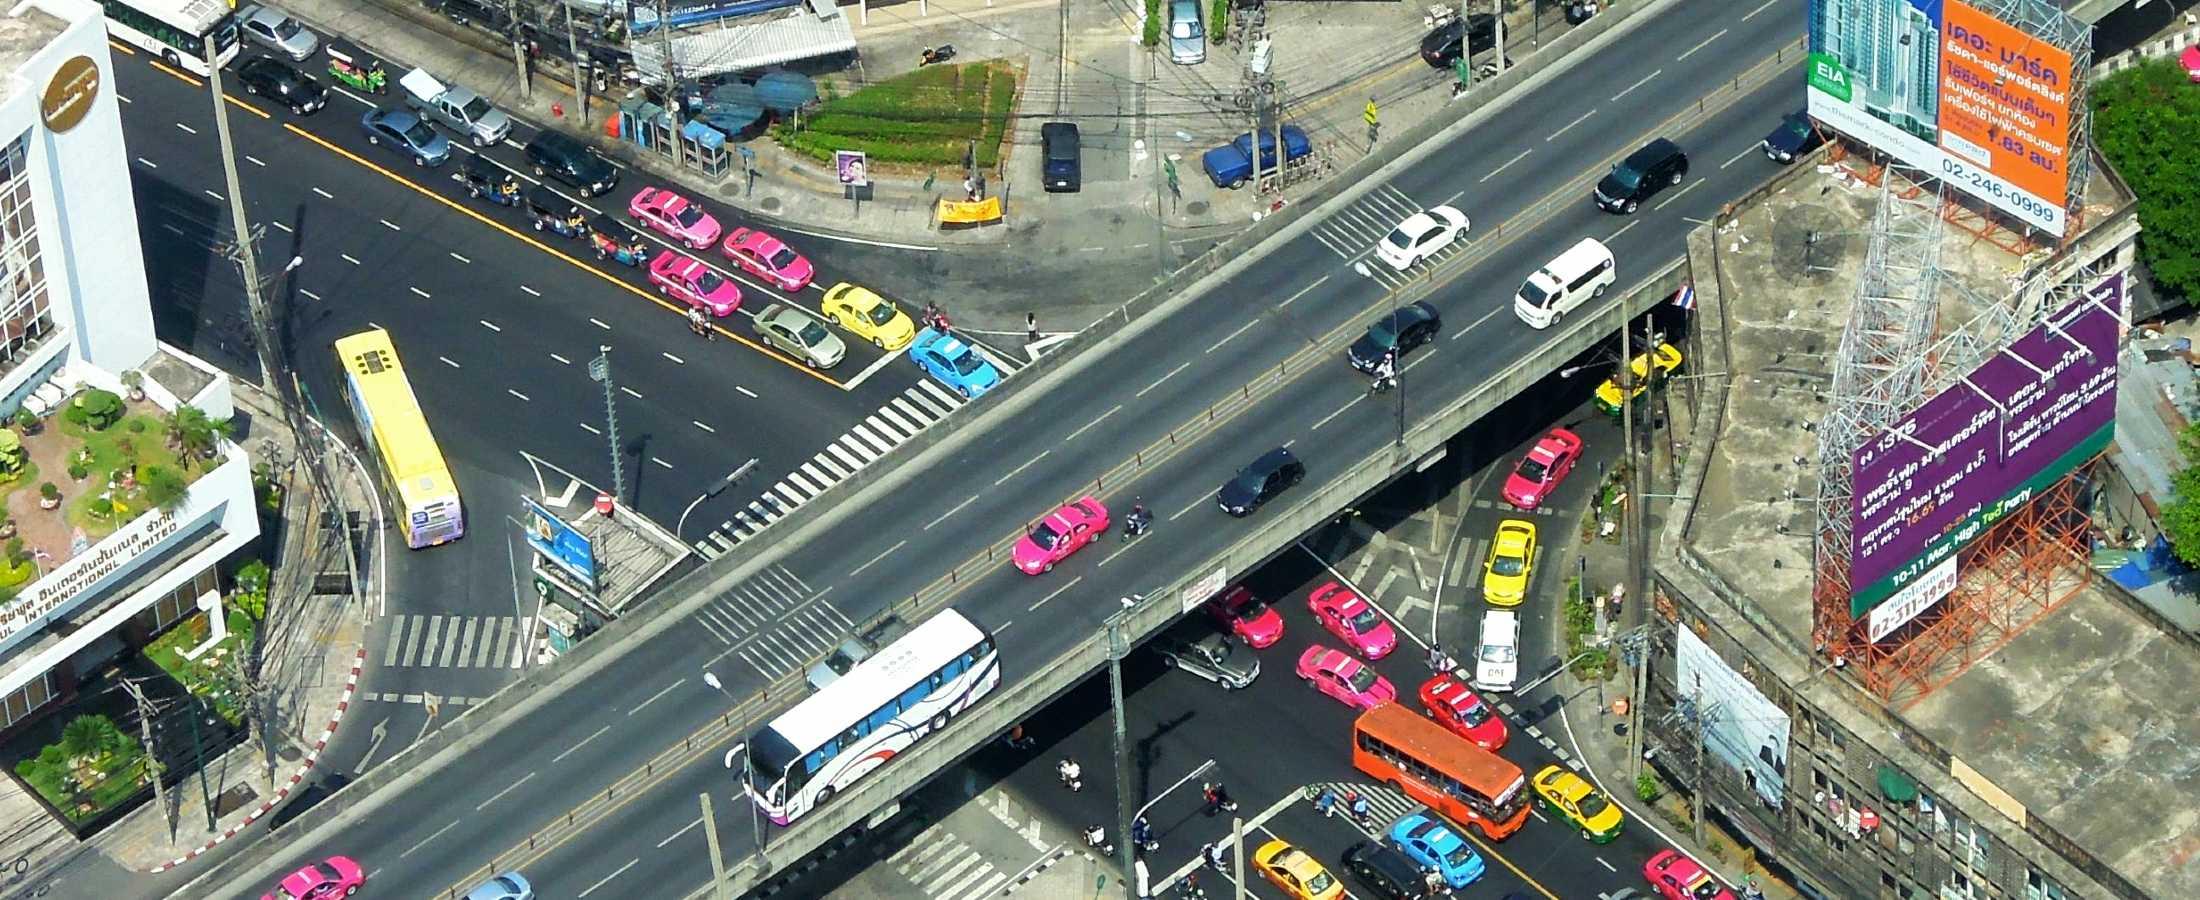 Drukke wegen met onder andere taxi's in Bangkok